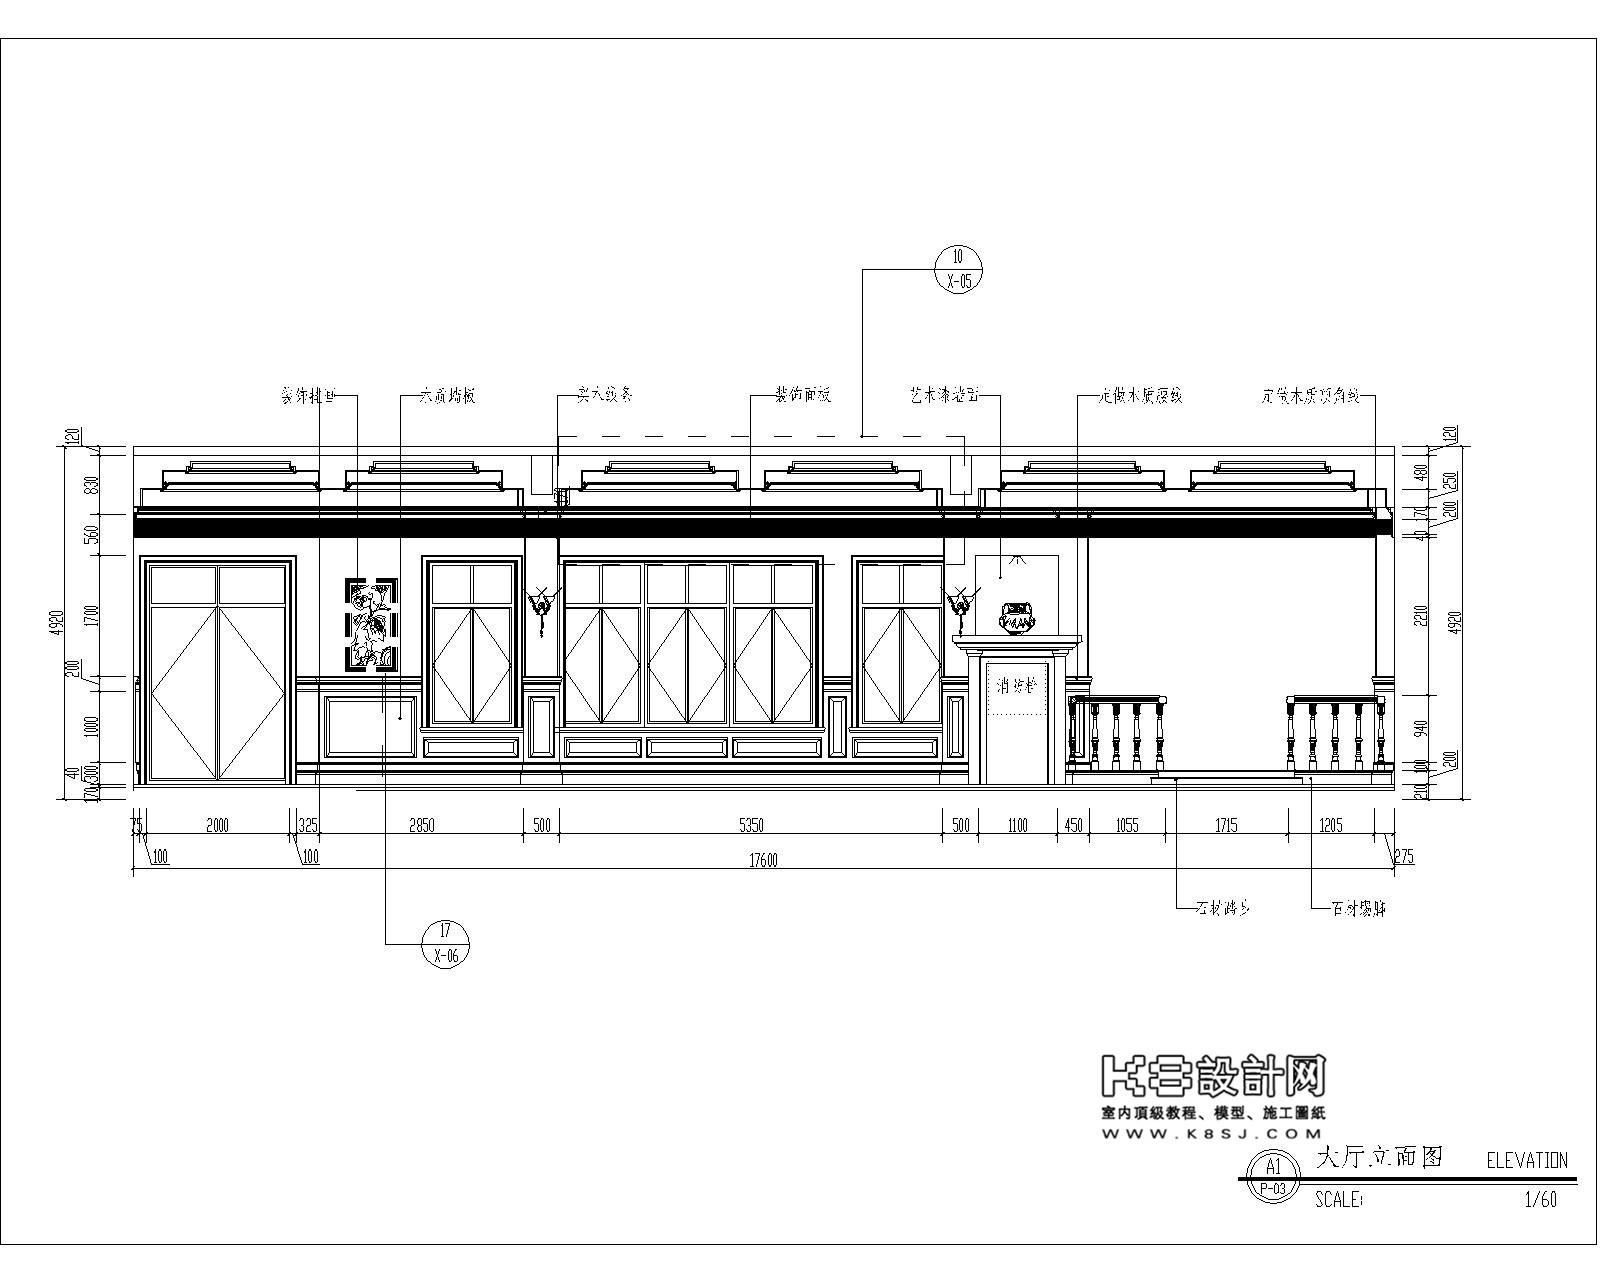 简阳售楼部美式风格室内装修全套CAD施工图及效果图 CAD图纸 k8设